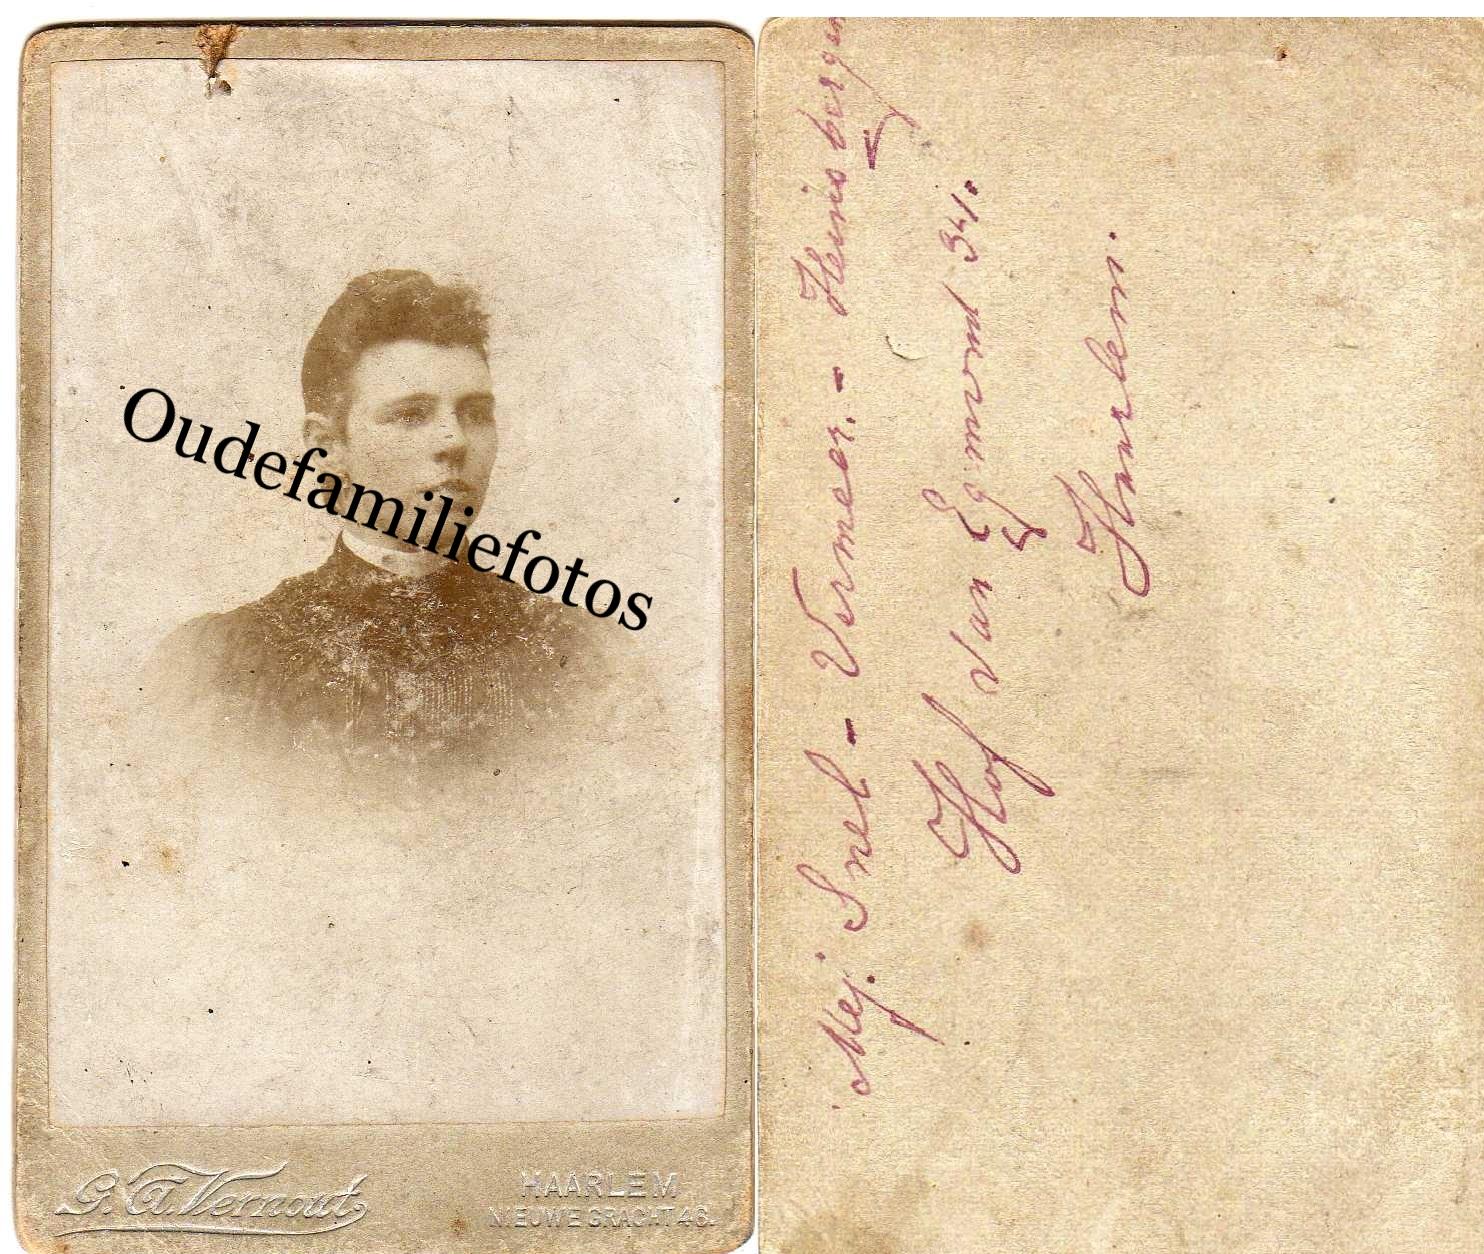 Hijnsbergen, Jansje. geb. 24-9-1876 Haarlem. getrouwd met Vermeer en Snel. € 3,00